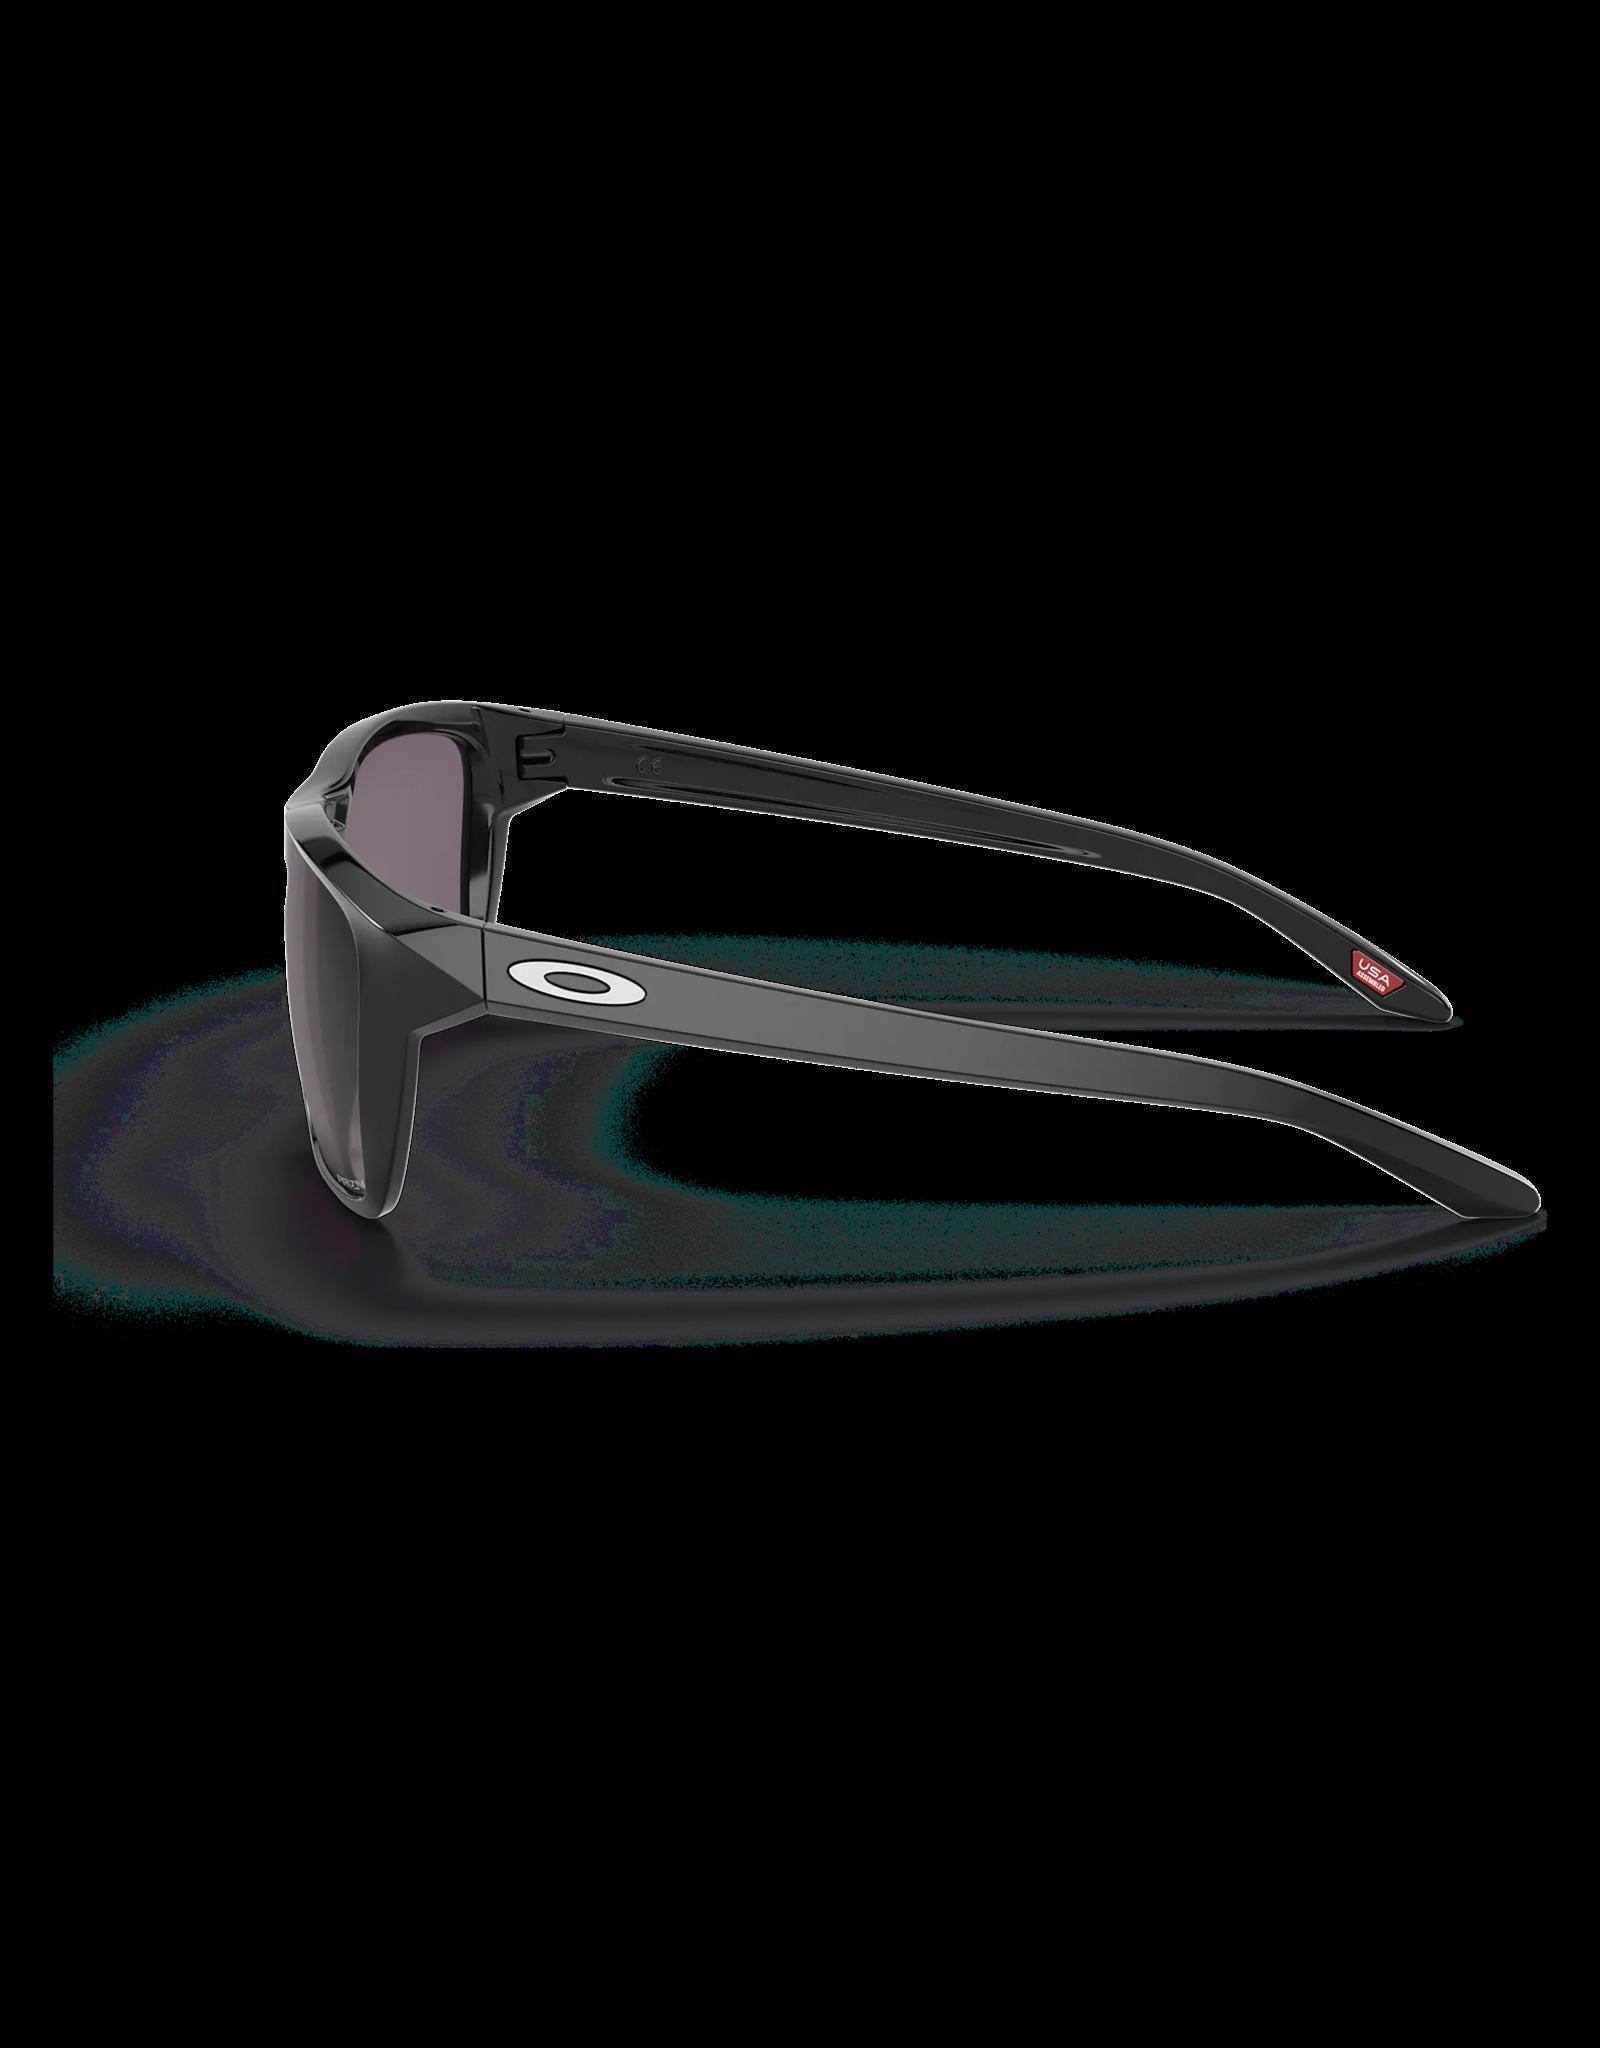 OAKLEY Oakley Sylas lunette polished noir prizm gris